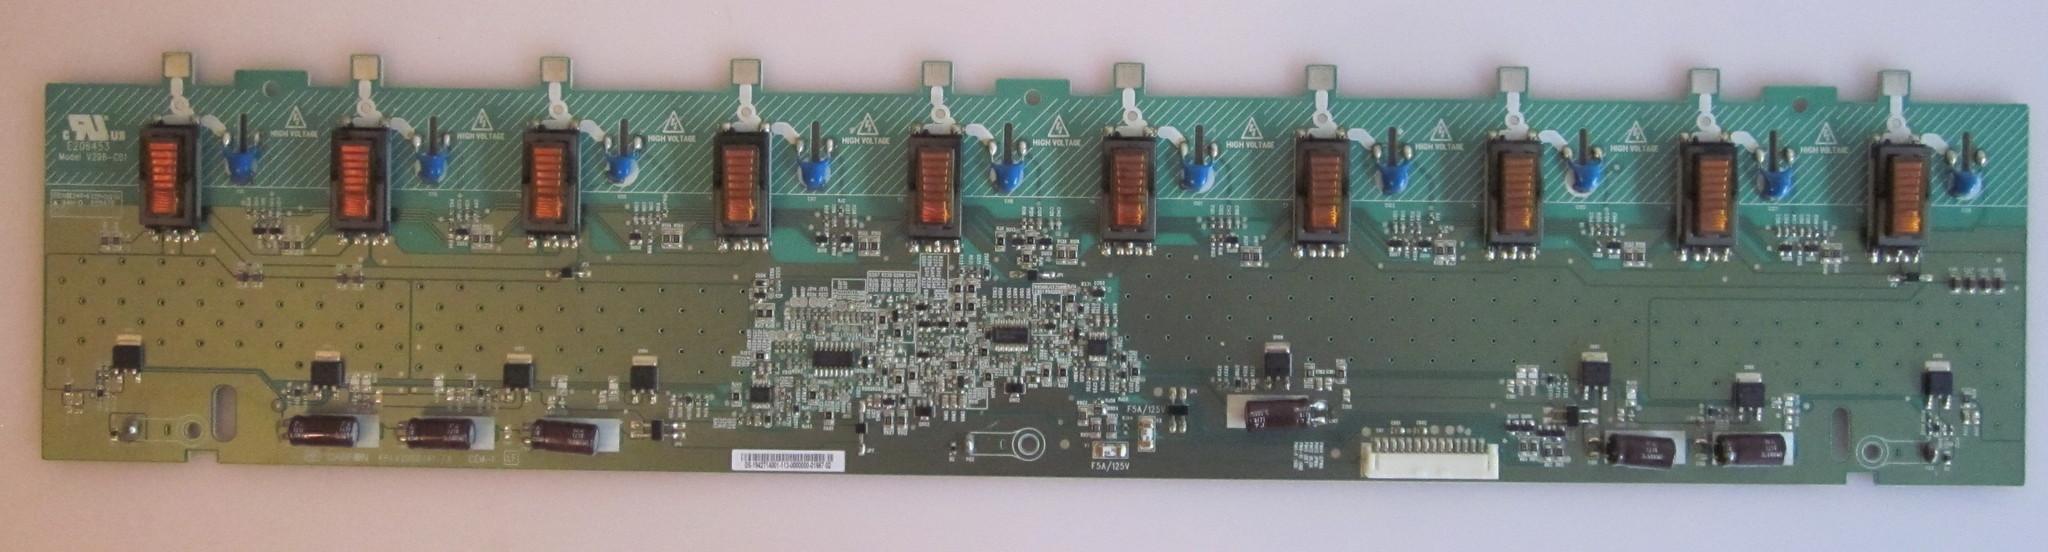 V298-C01 (4H+V2988.141/A)